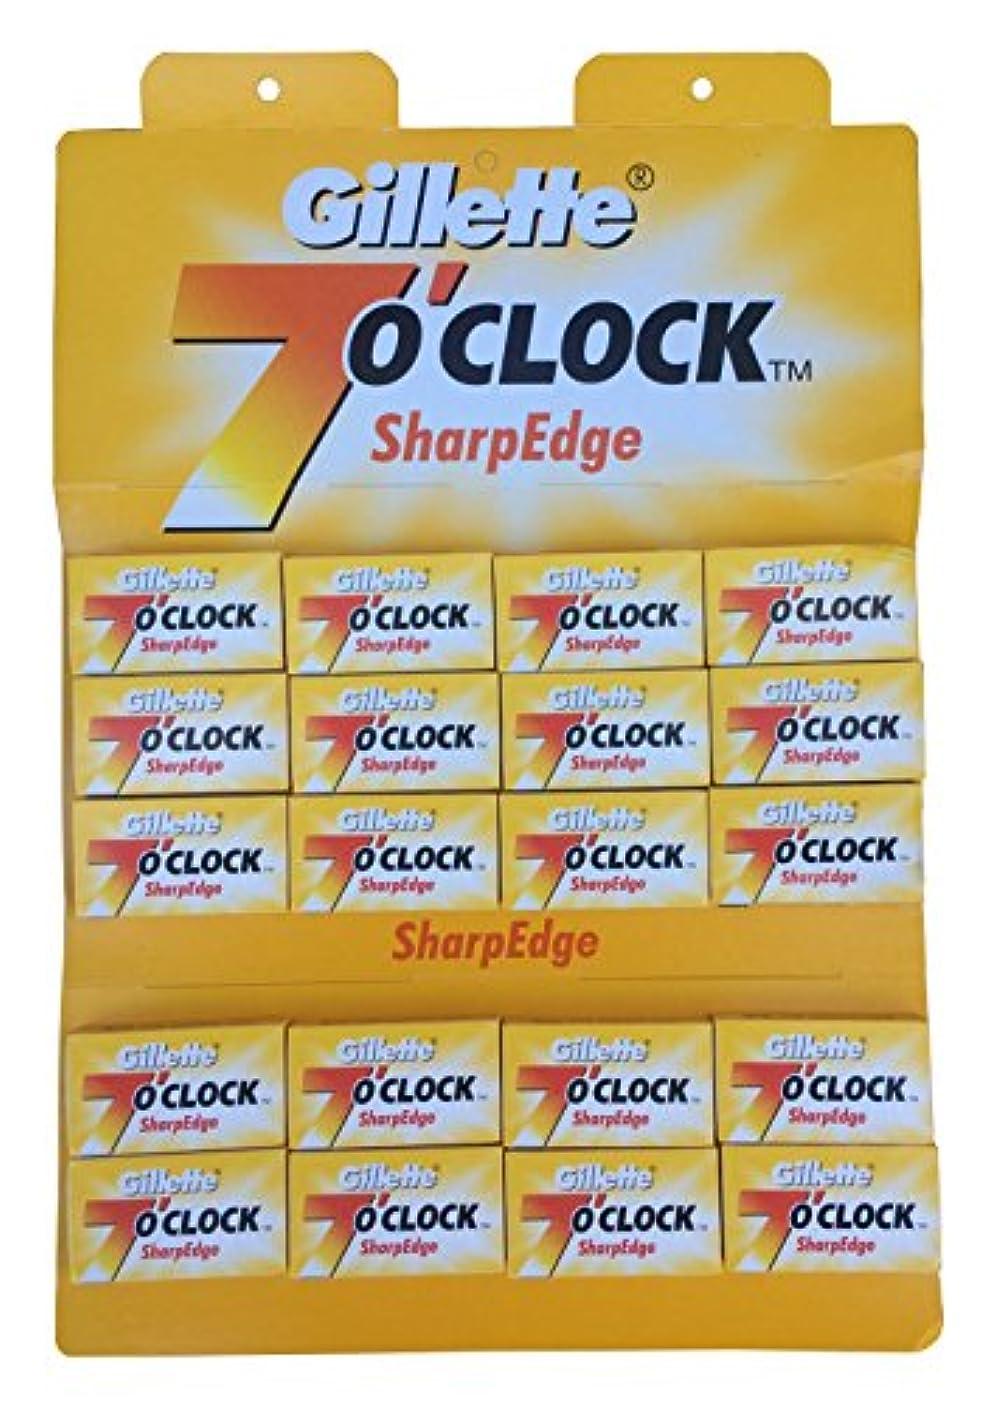 チェスをするコインランドリー実用的Gillette 7 0'Clock SharpEdge 両刃替刃 100枚入り(5枚入り20 個セット)【並行輸入品】